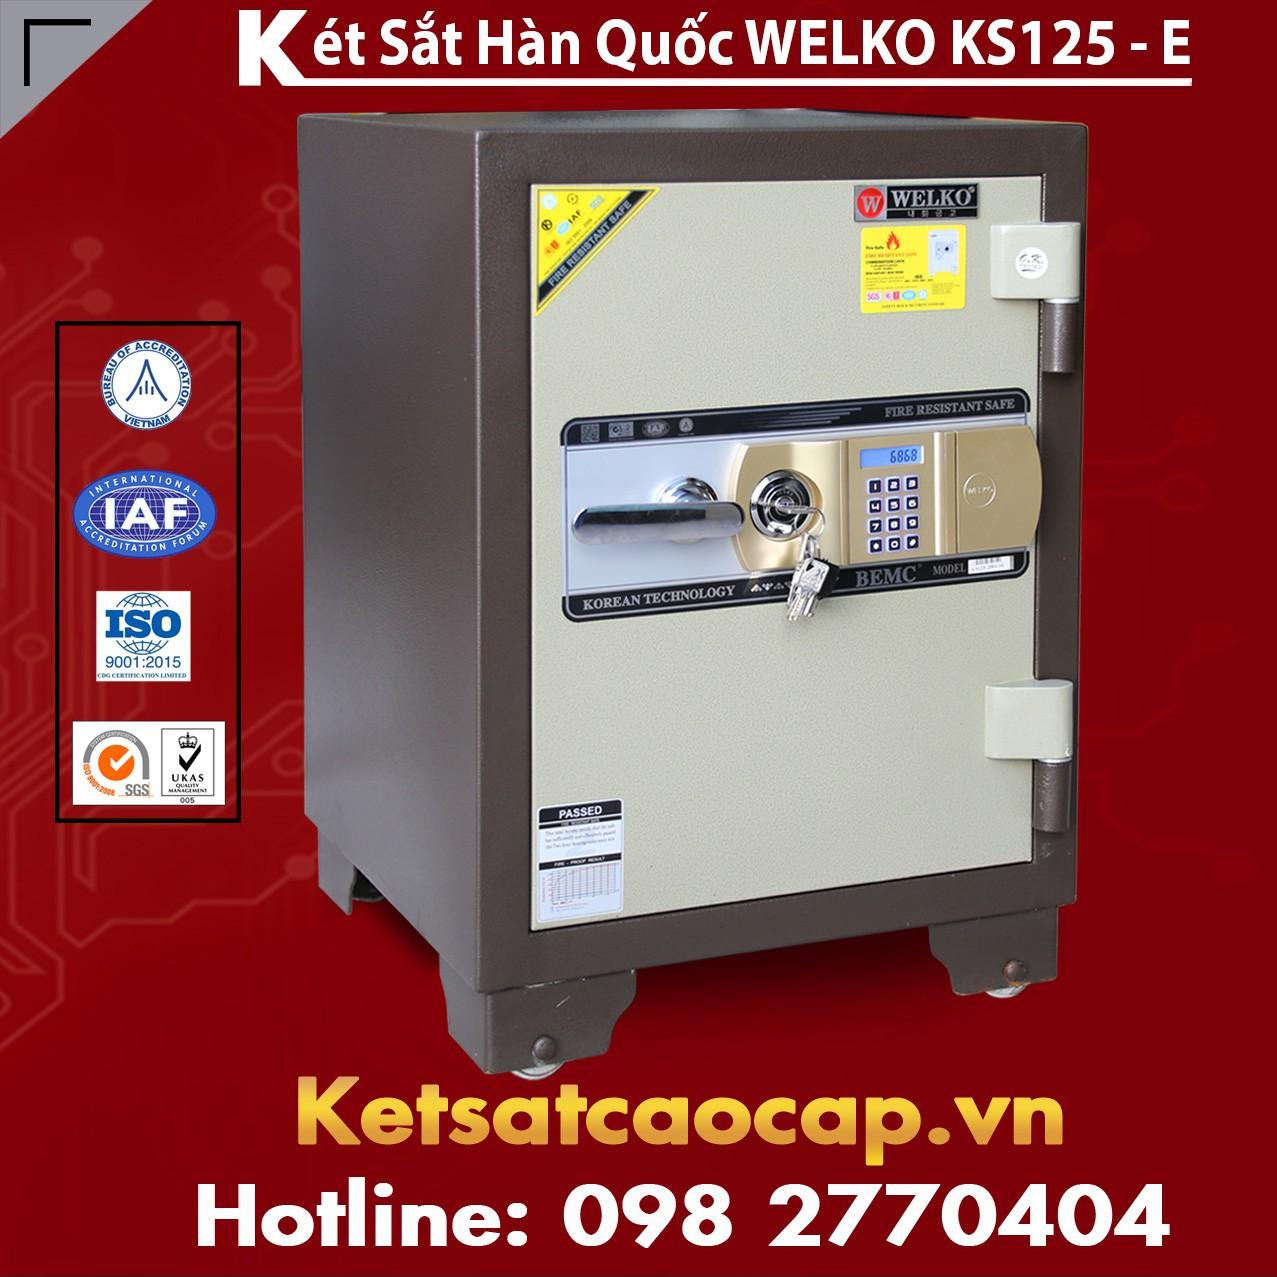 Két Sắt Văn Phòng WELKO KS125 Brown - E Gold